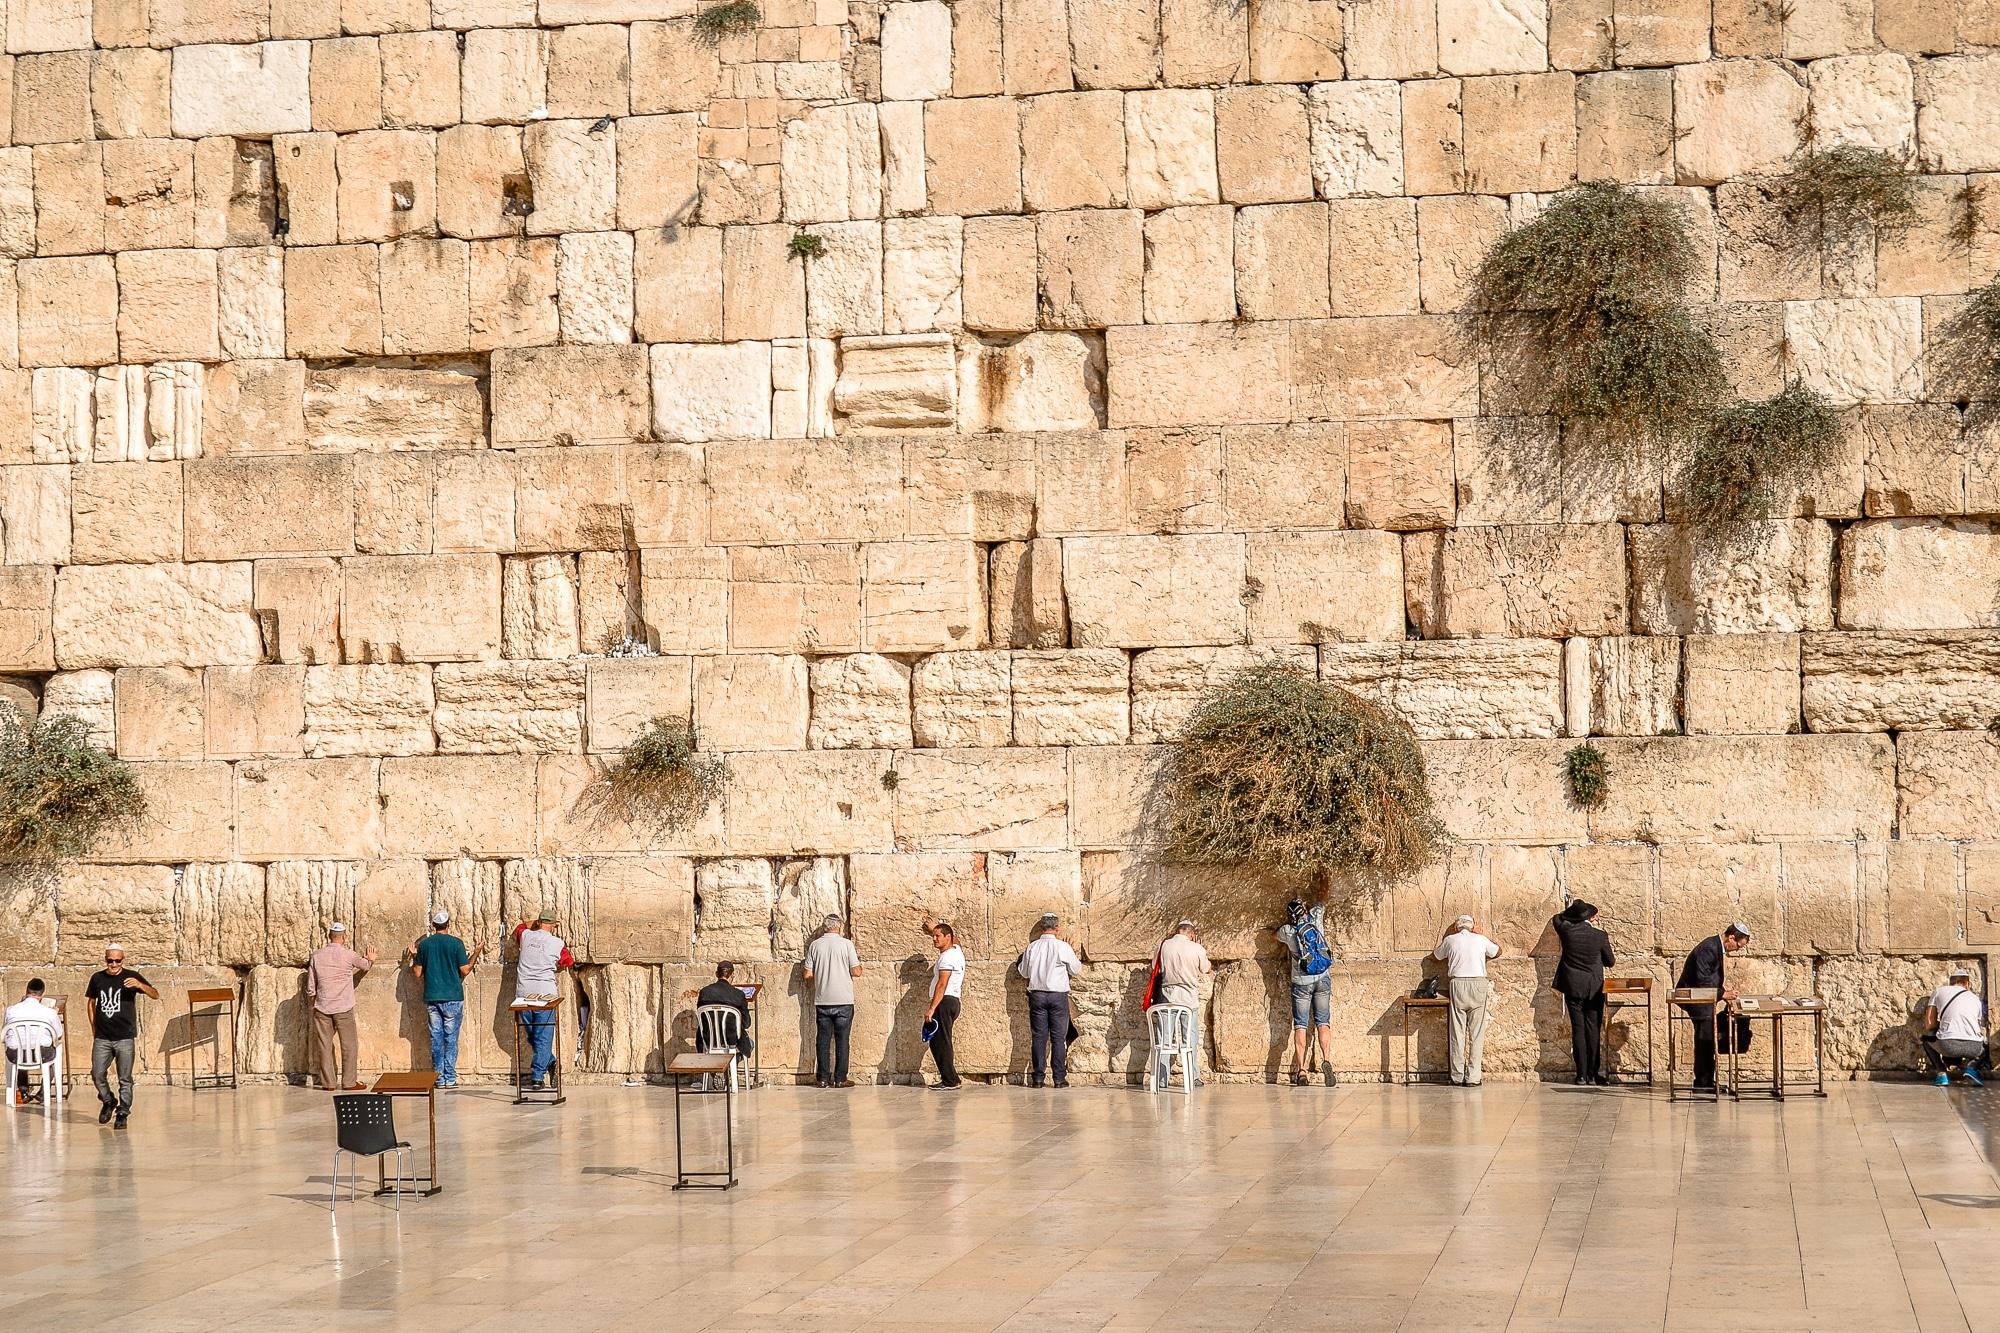 Religion in Jerusalem: Von Konflikten und Spannungen